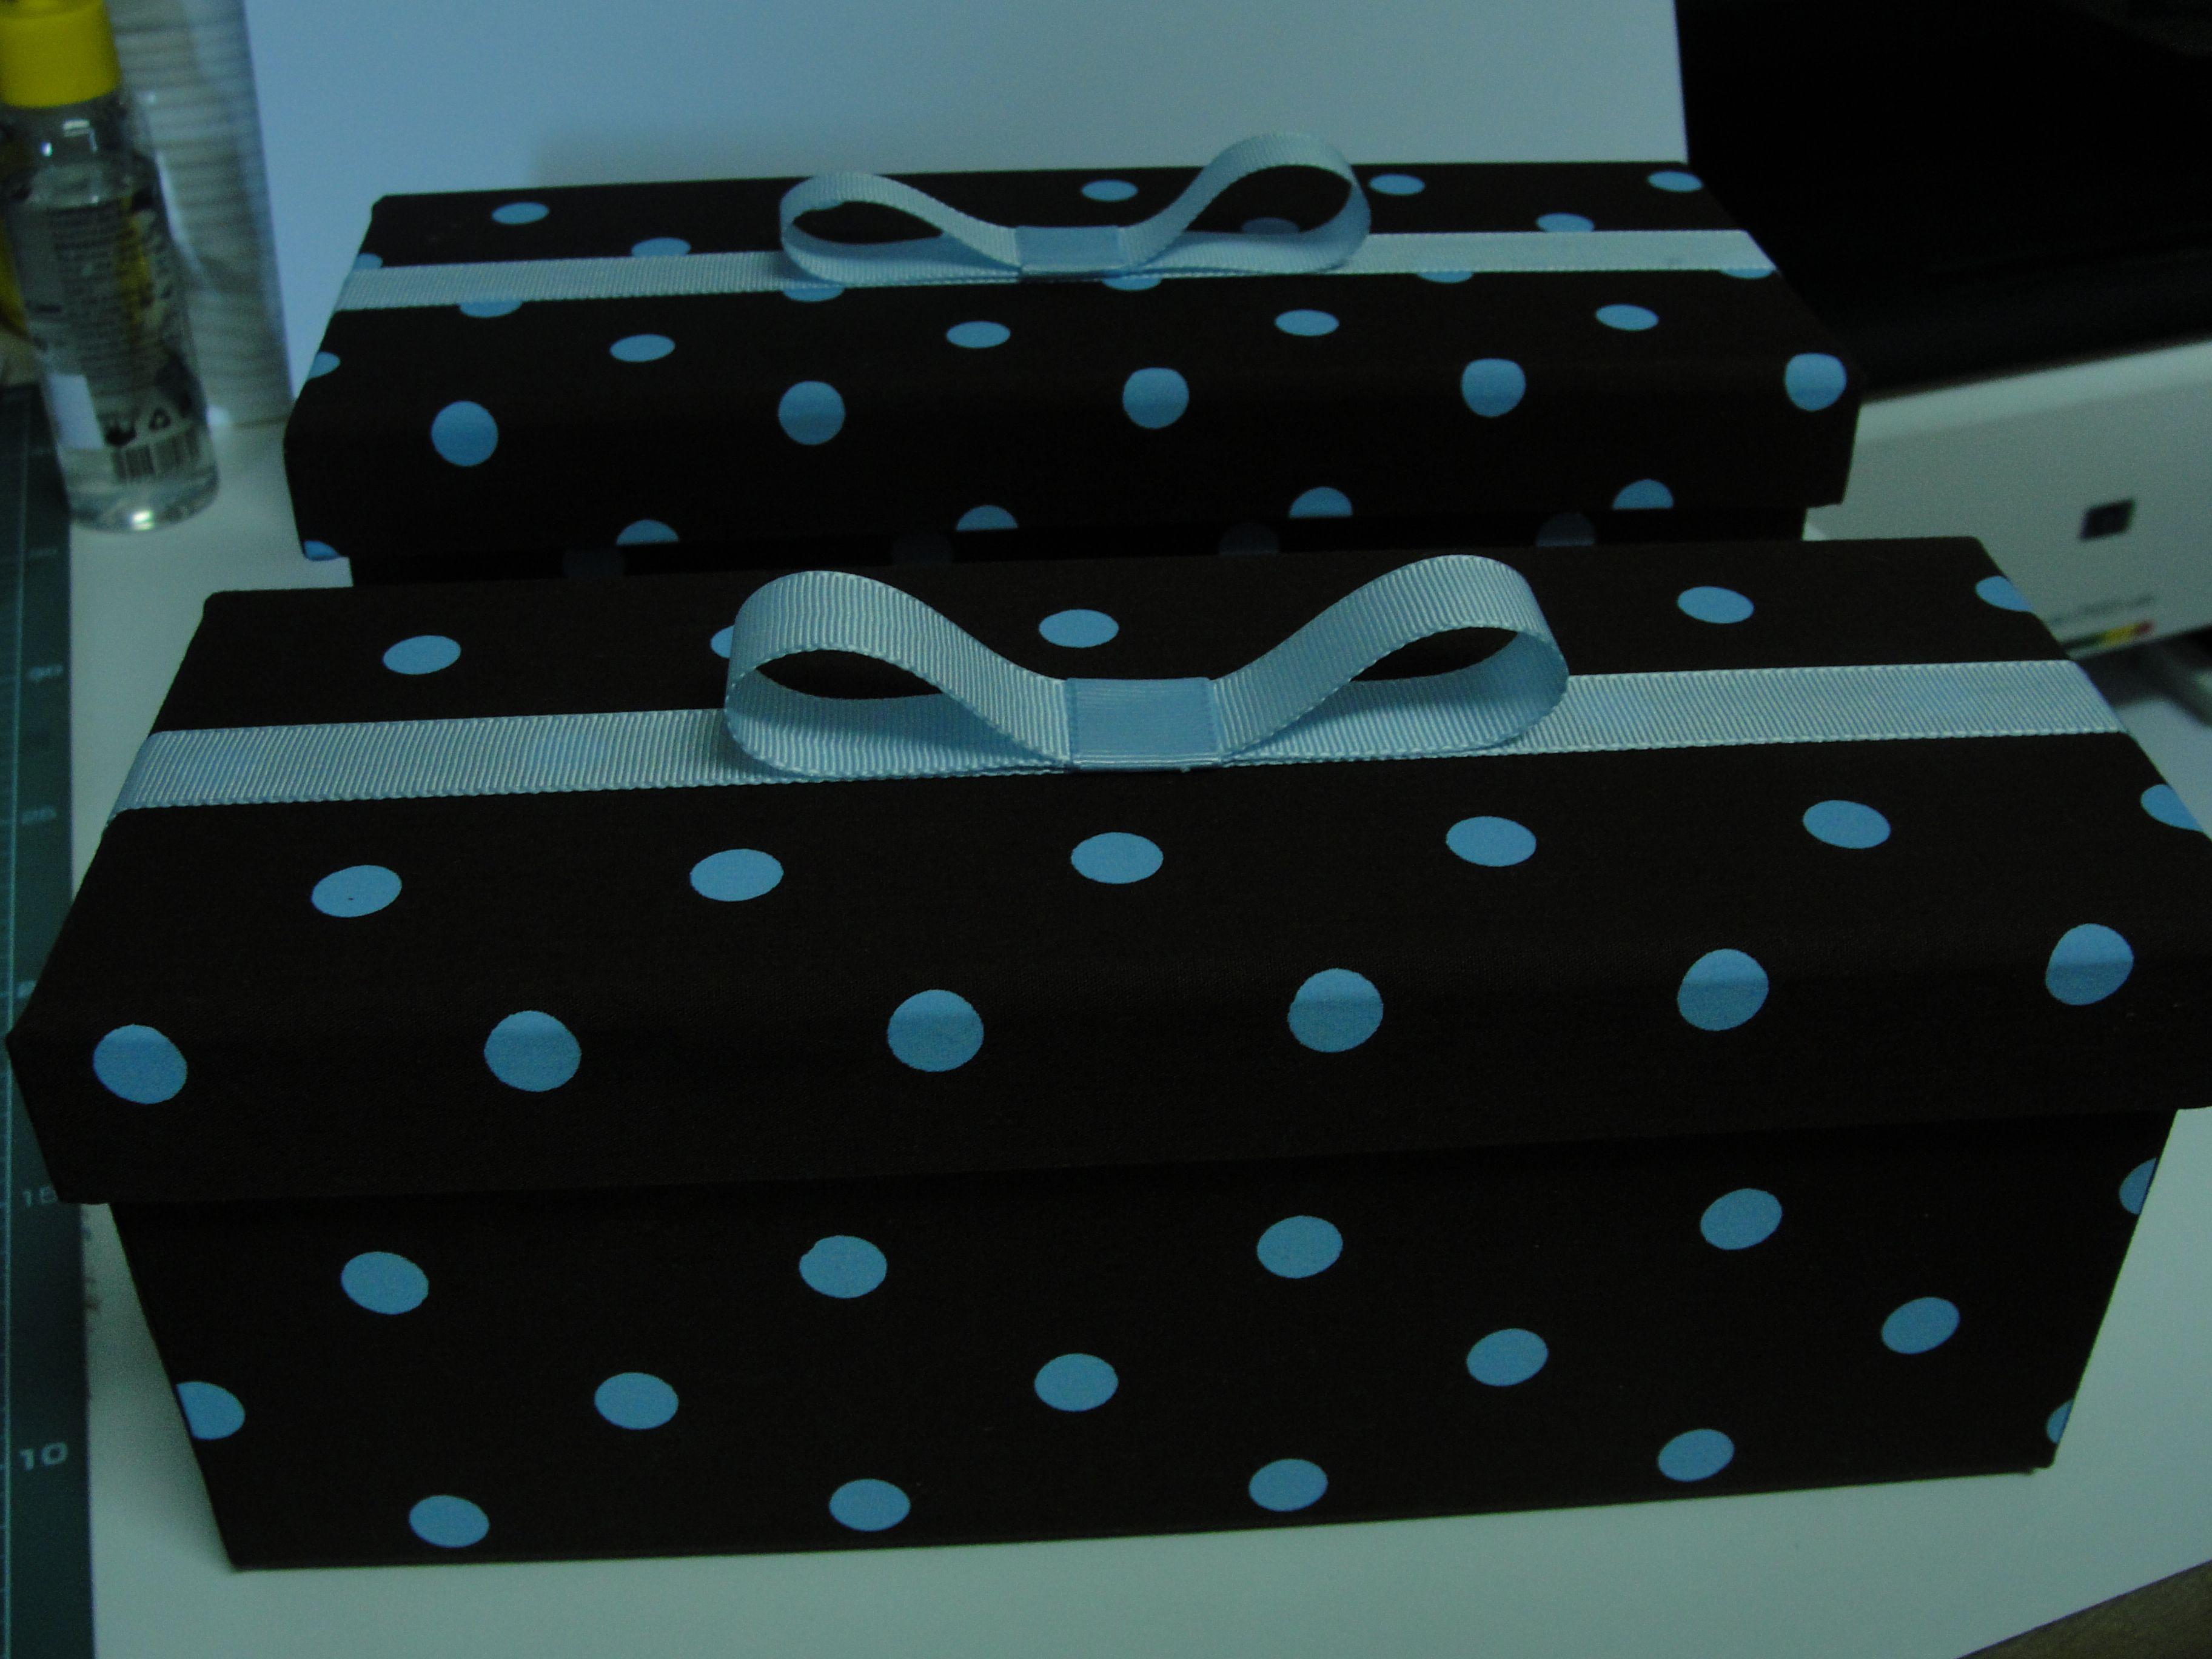 Caixa em Mdf forrada com tecido...excelente opção para presentear com mini espumante